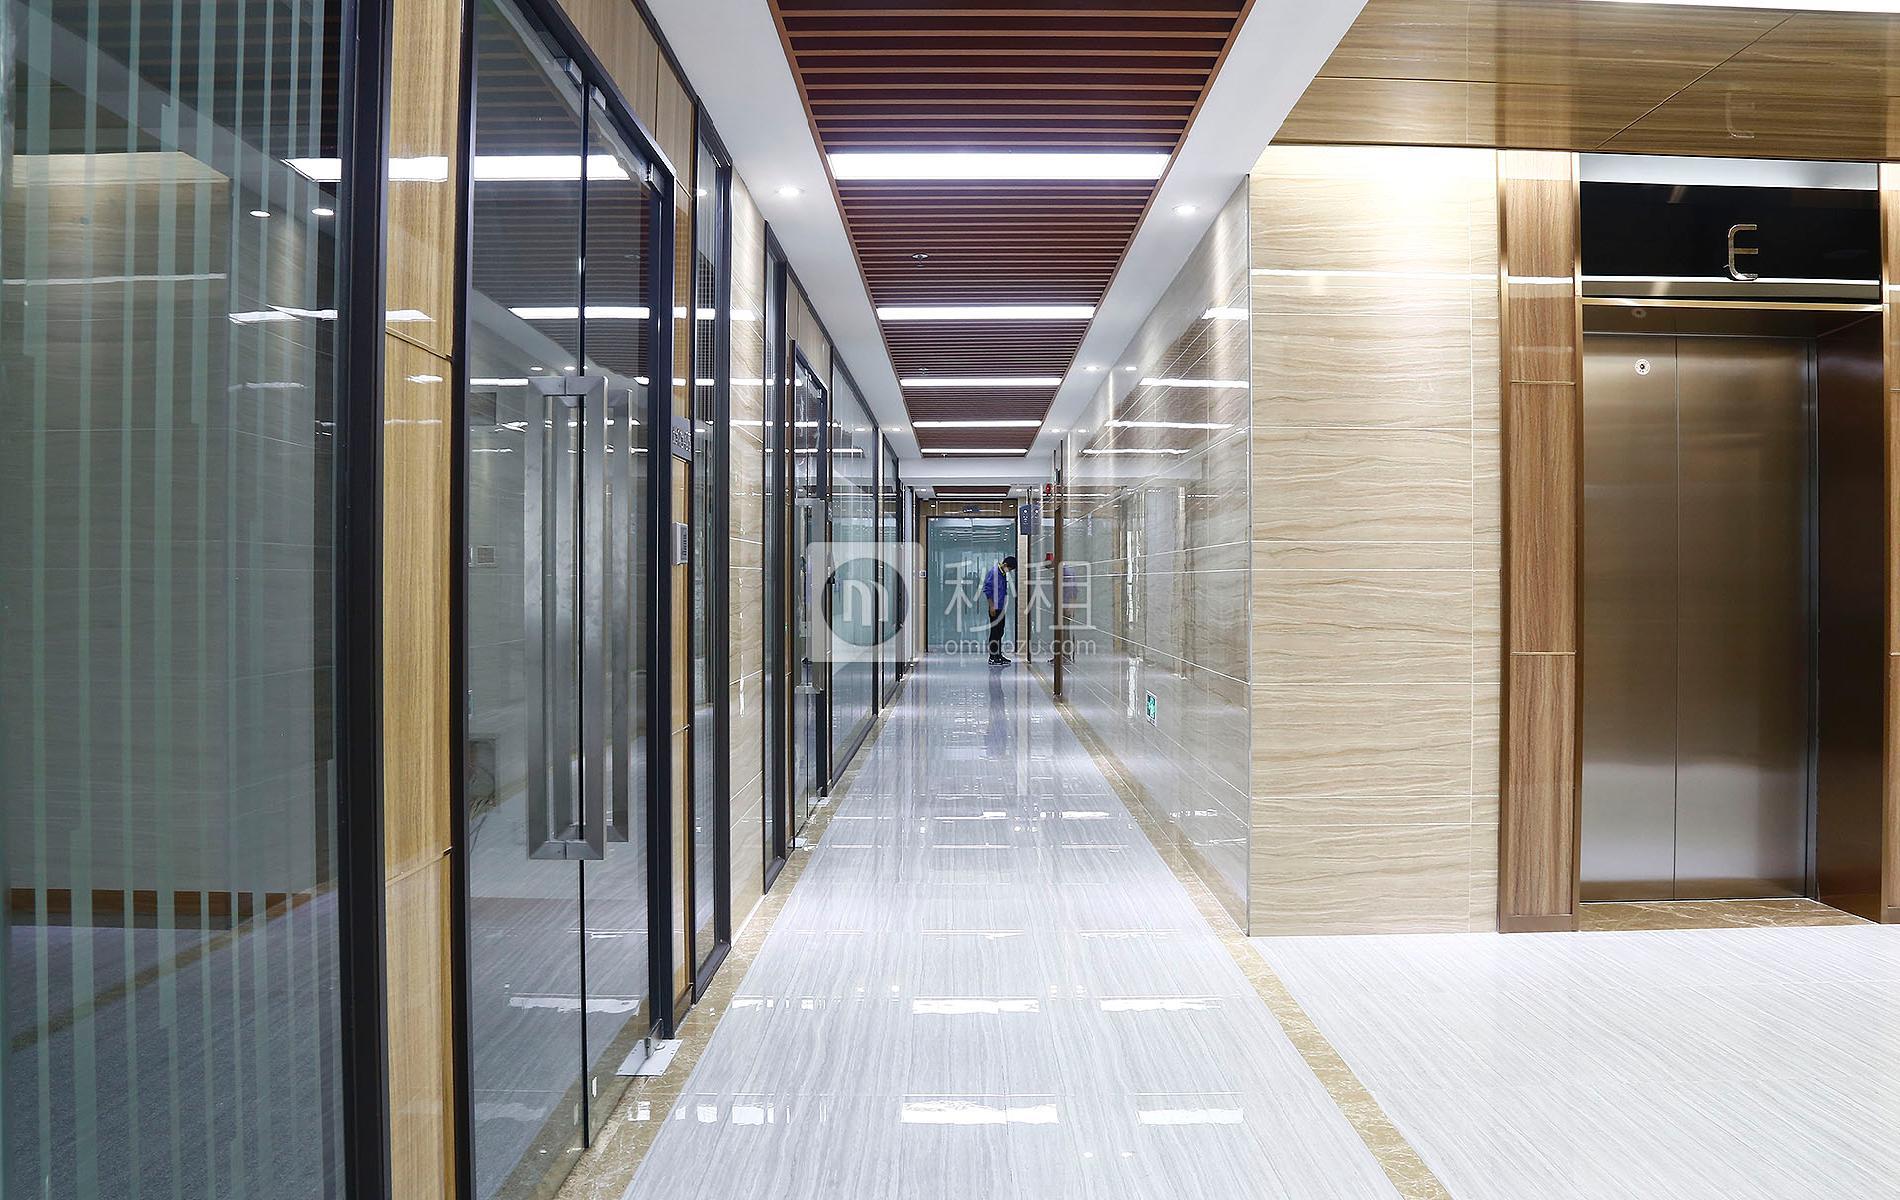 东方科技大厦写字楼出租/招租/租赁,东方科技大厦办公室出租/招租/租赁